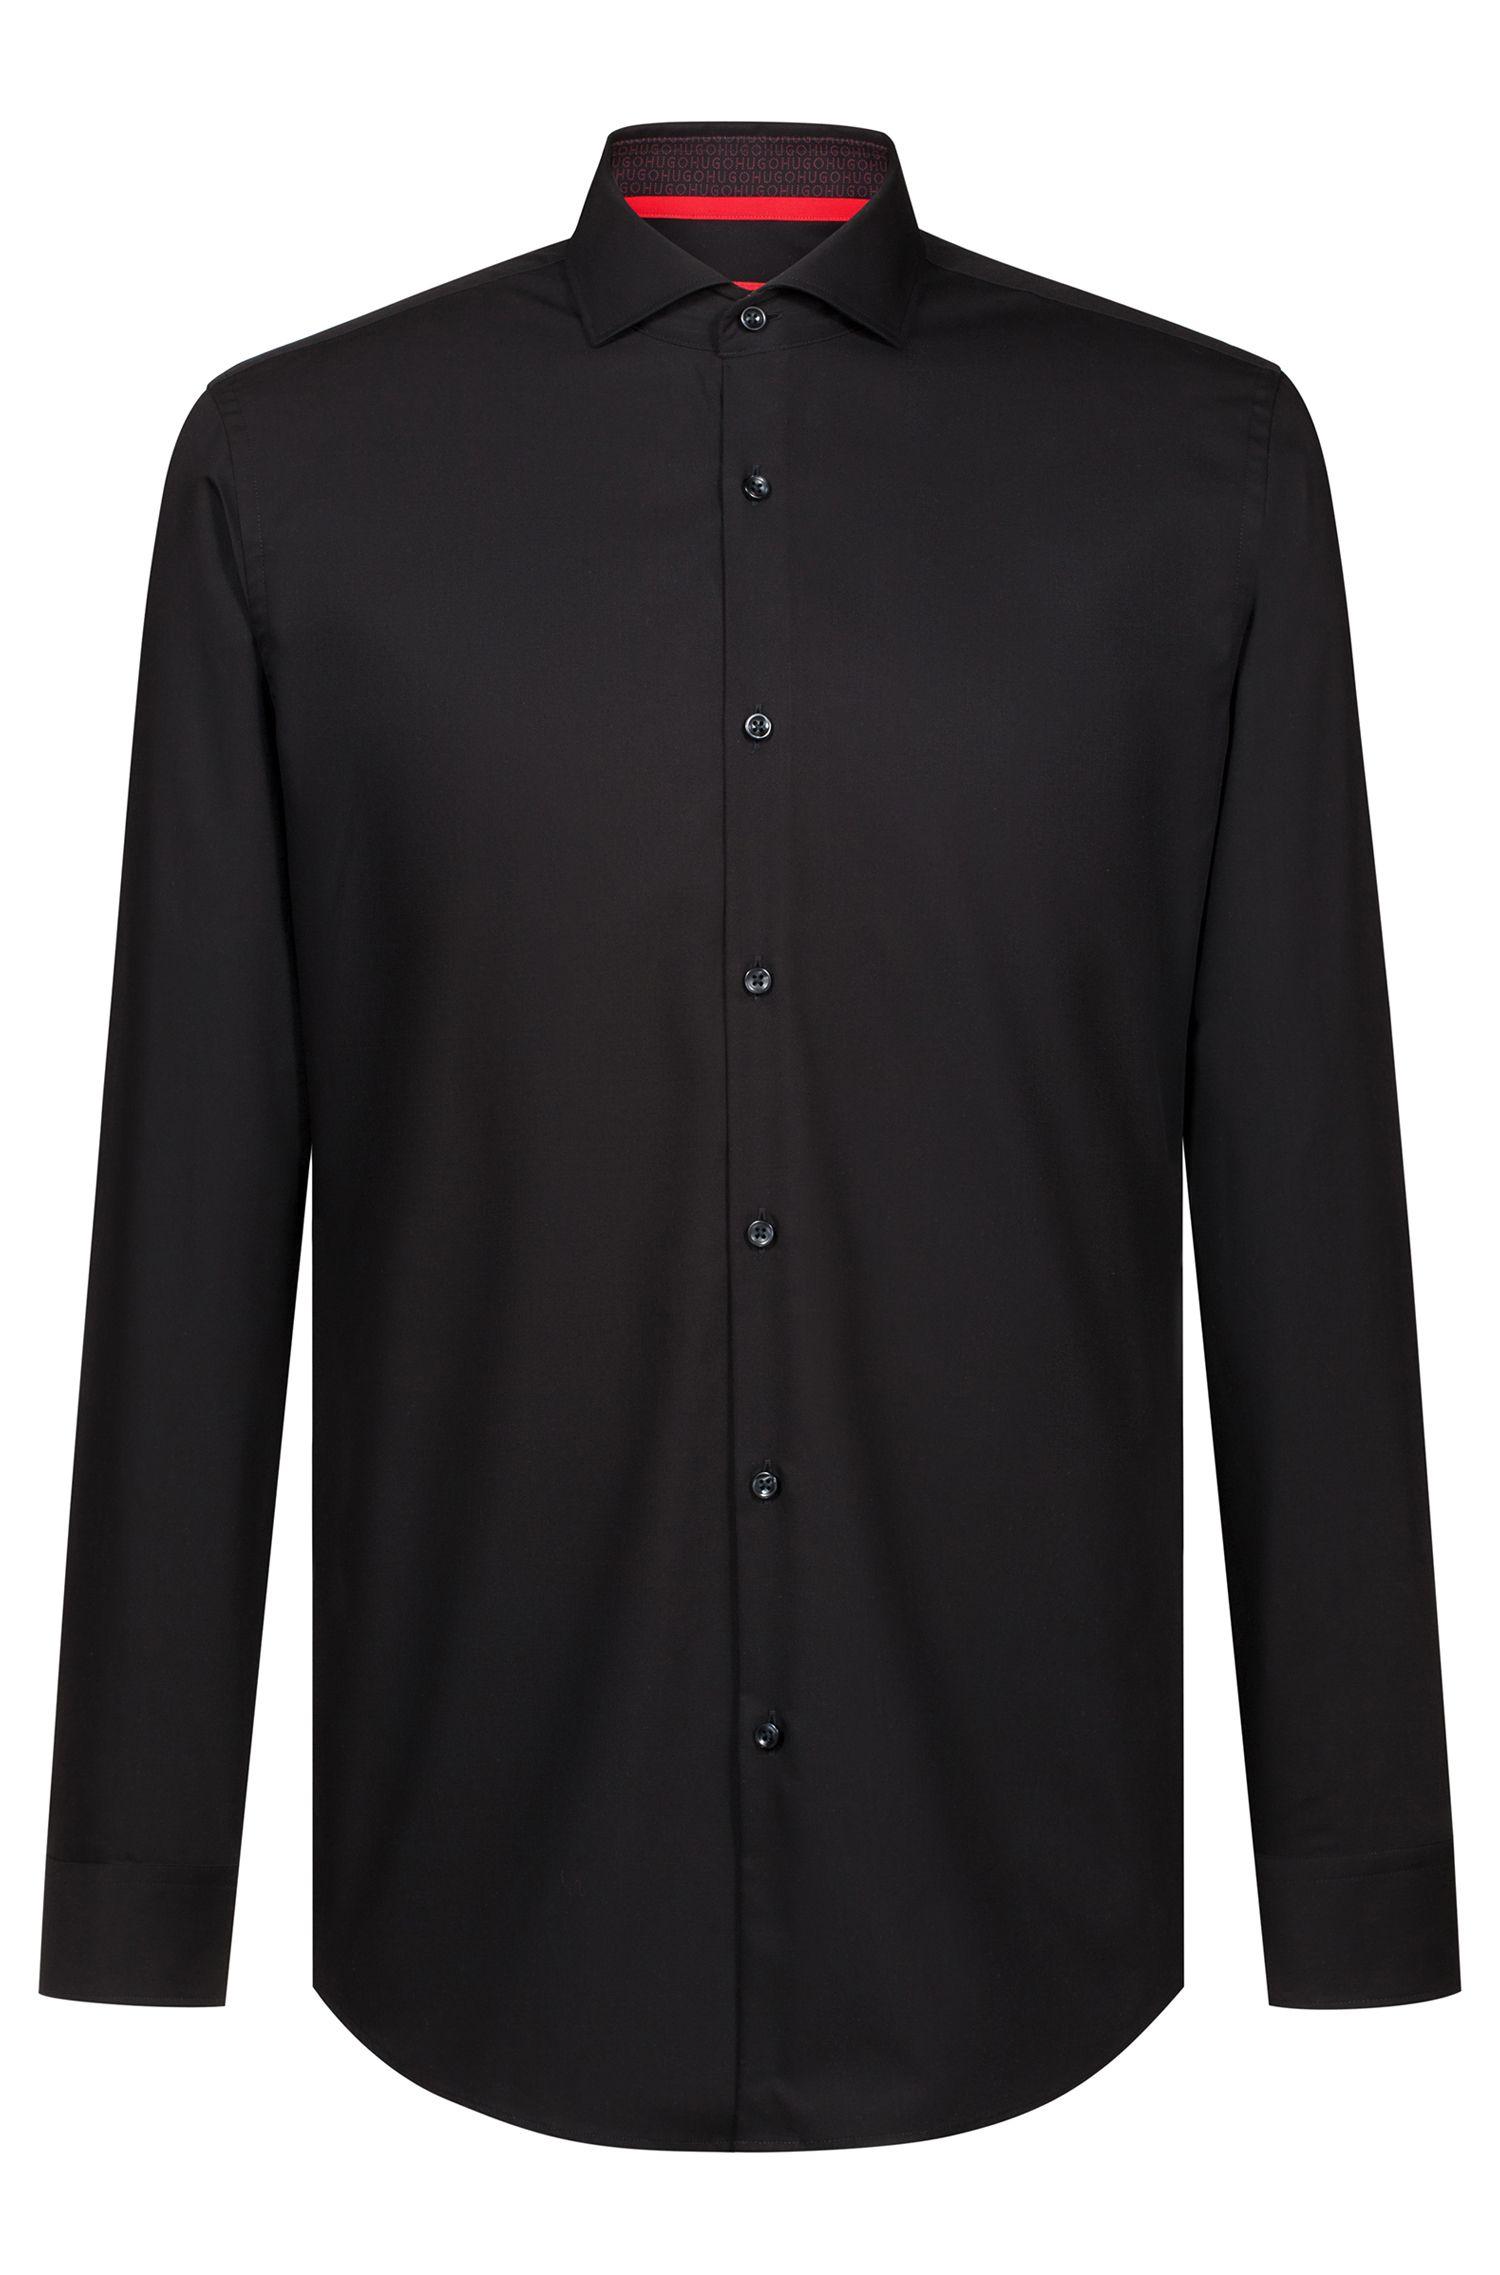 Hugo Boss - Camisa business slim fit en popelín de algodón - 1